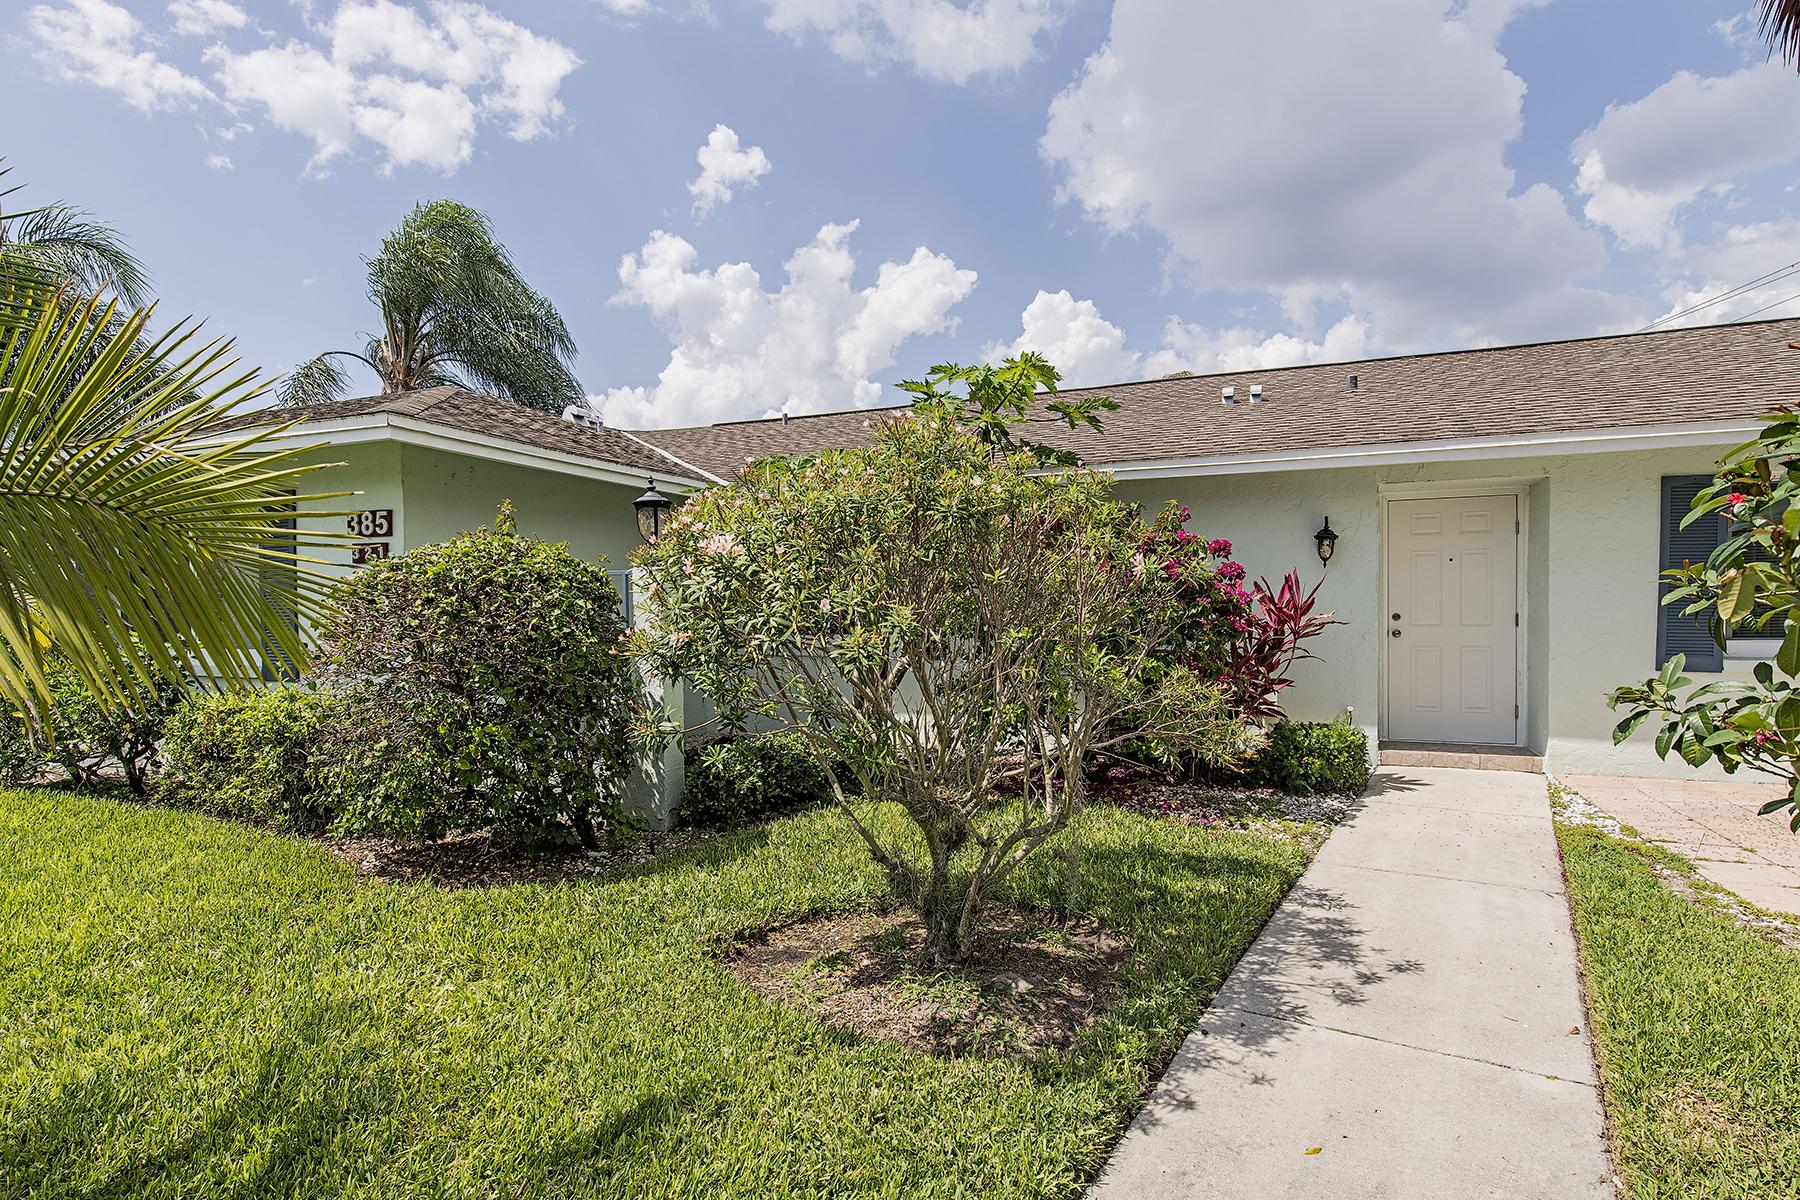 联栋屋 为 销售 在 GLADES - GLADES COUNTRY CLUB 385 Palm Dr 1732 Naples, 佛罗里达州 34112 美国